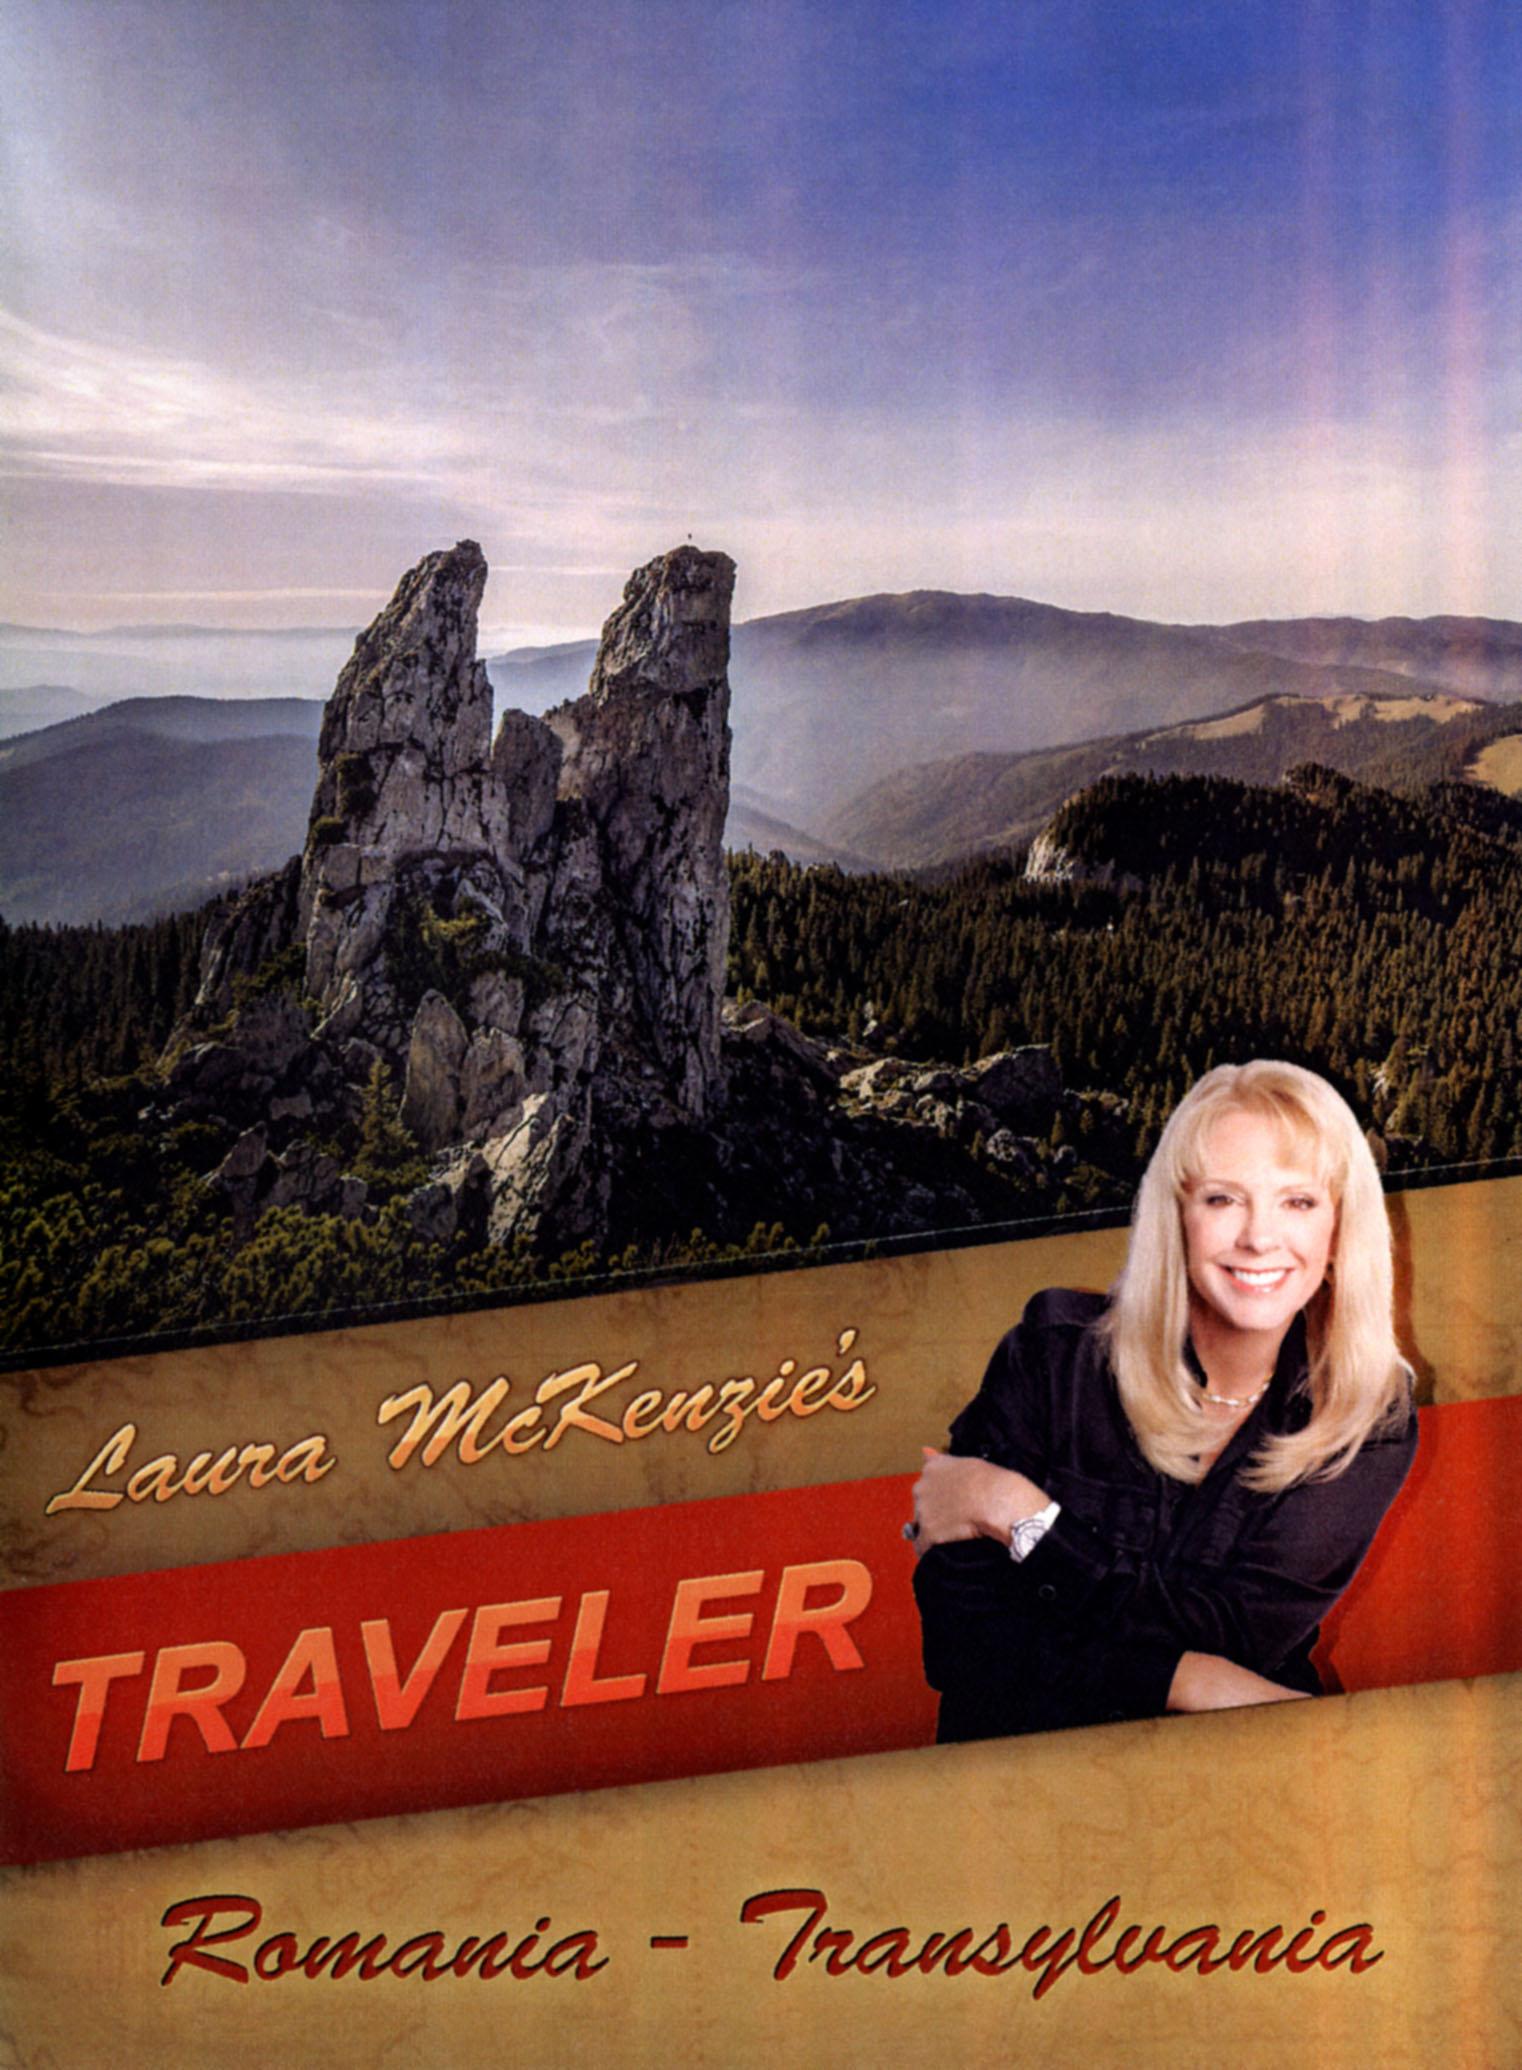 Laura McKenzie's Traveler: Romania - Transylvania